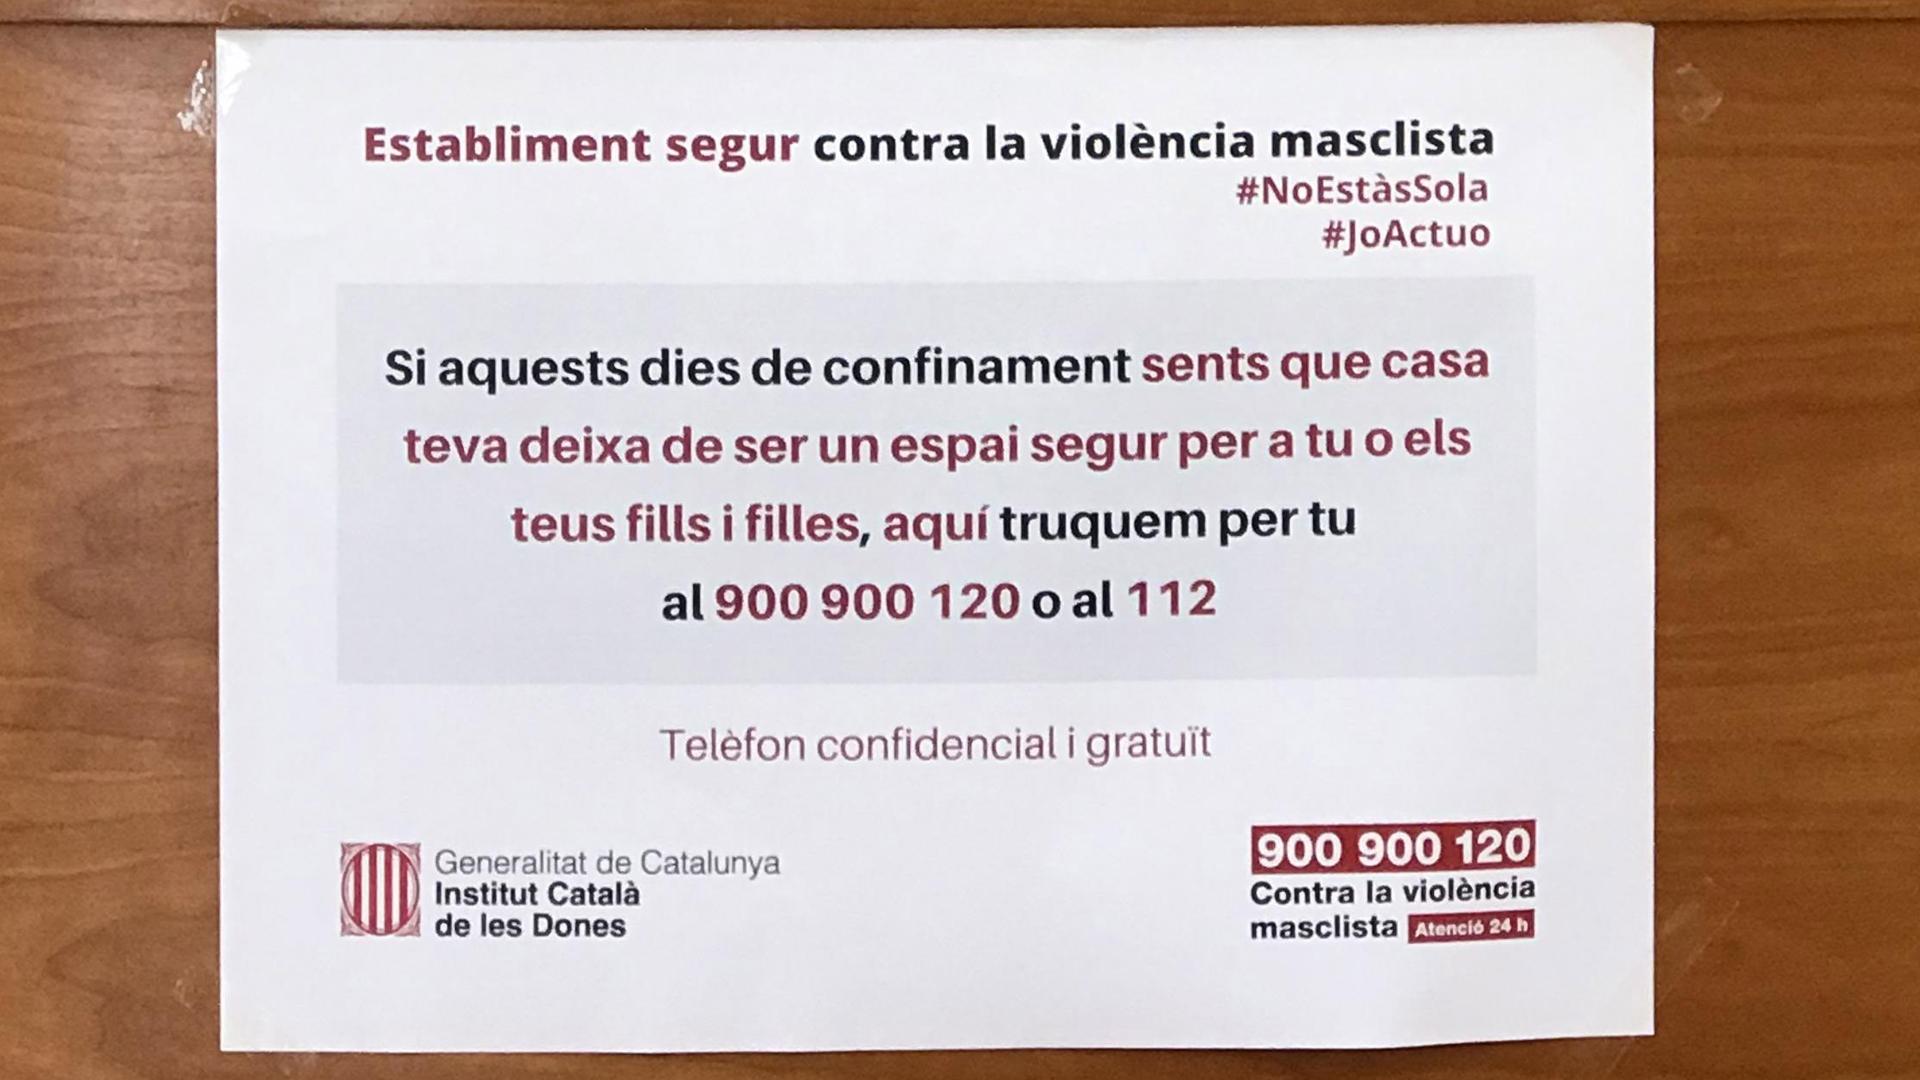 El Consell Comarcal de les Garrigues presta servei psicològic i jurídic a les víctimes de violència masclista en situació de confinament